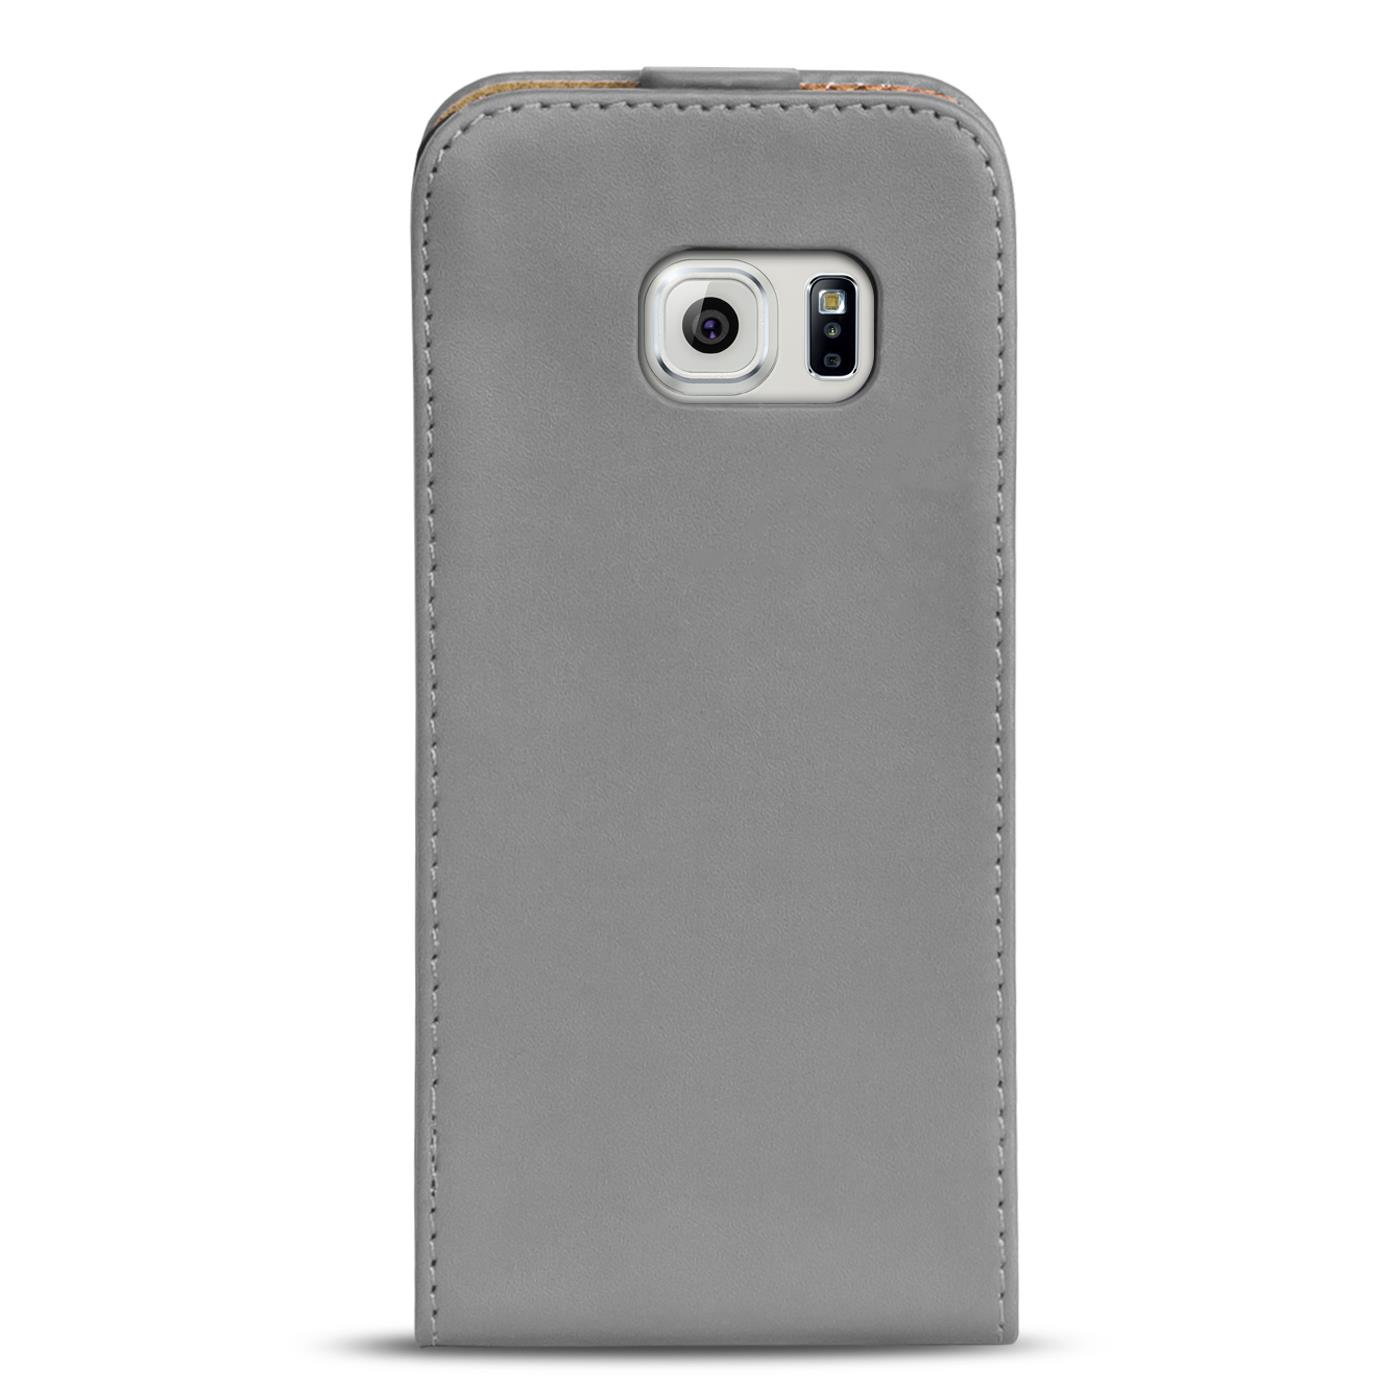 Klapphuelle-Samsung-Galaxy-Flip-Case-Tasche-Schutzhuelle-Cover-Schutz-Handy-Huelle Indexbild 49